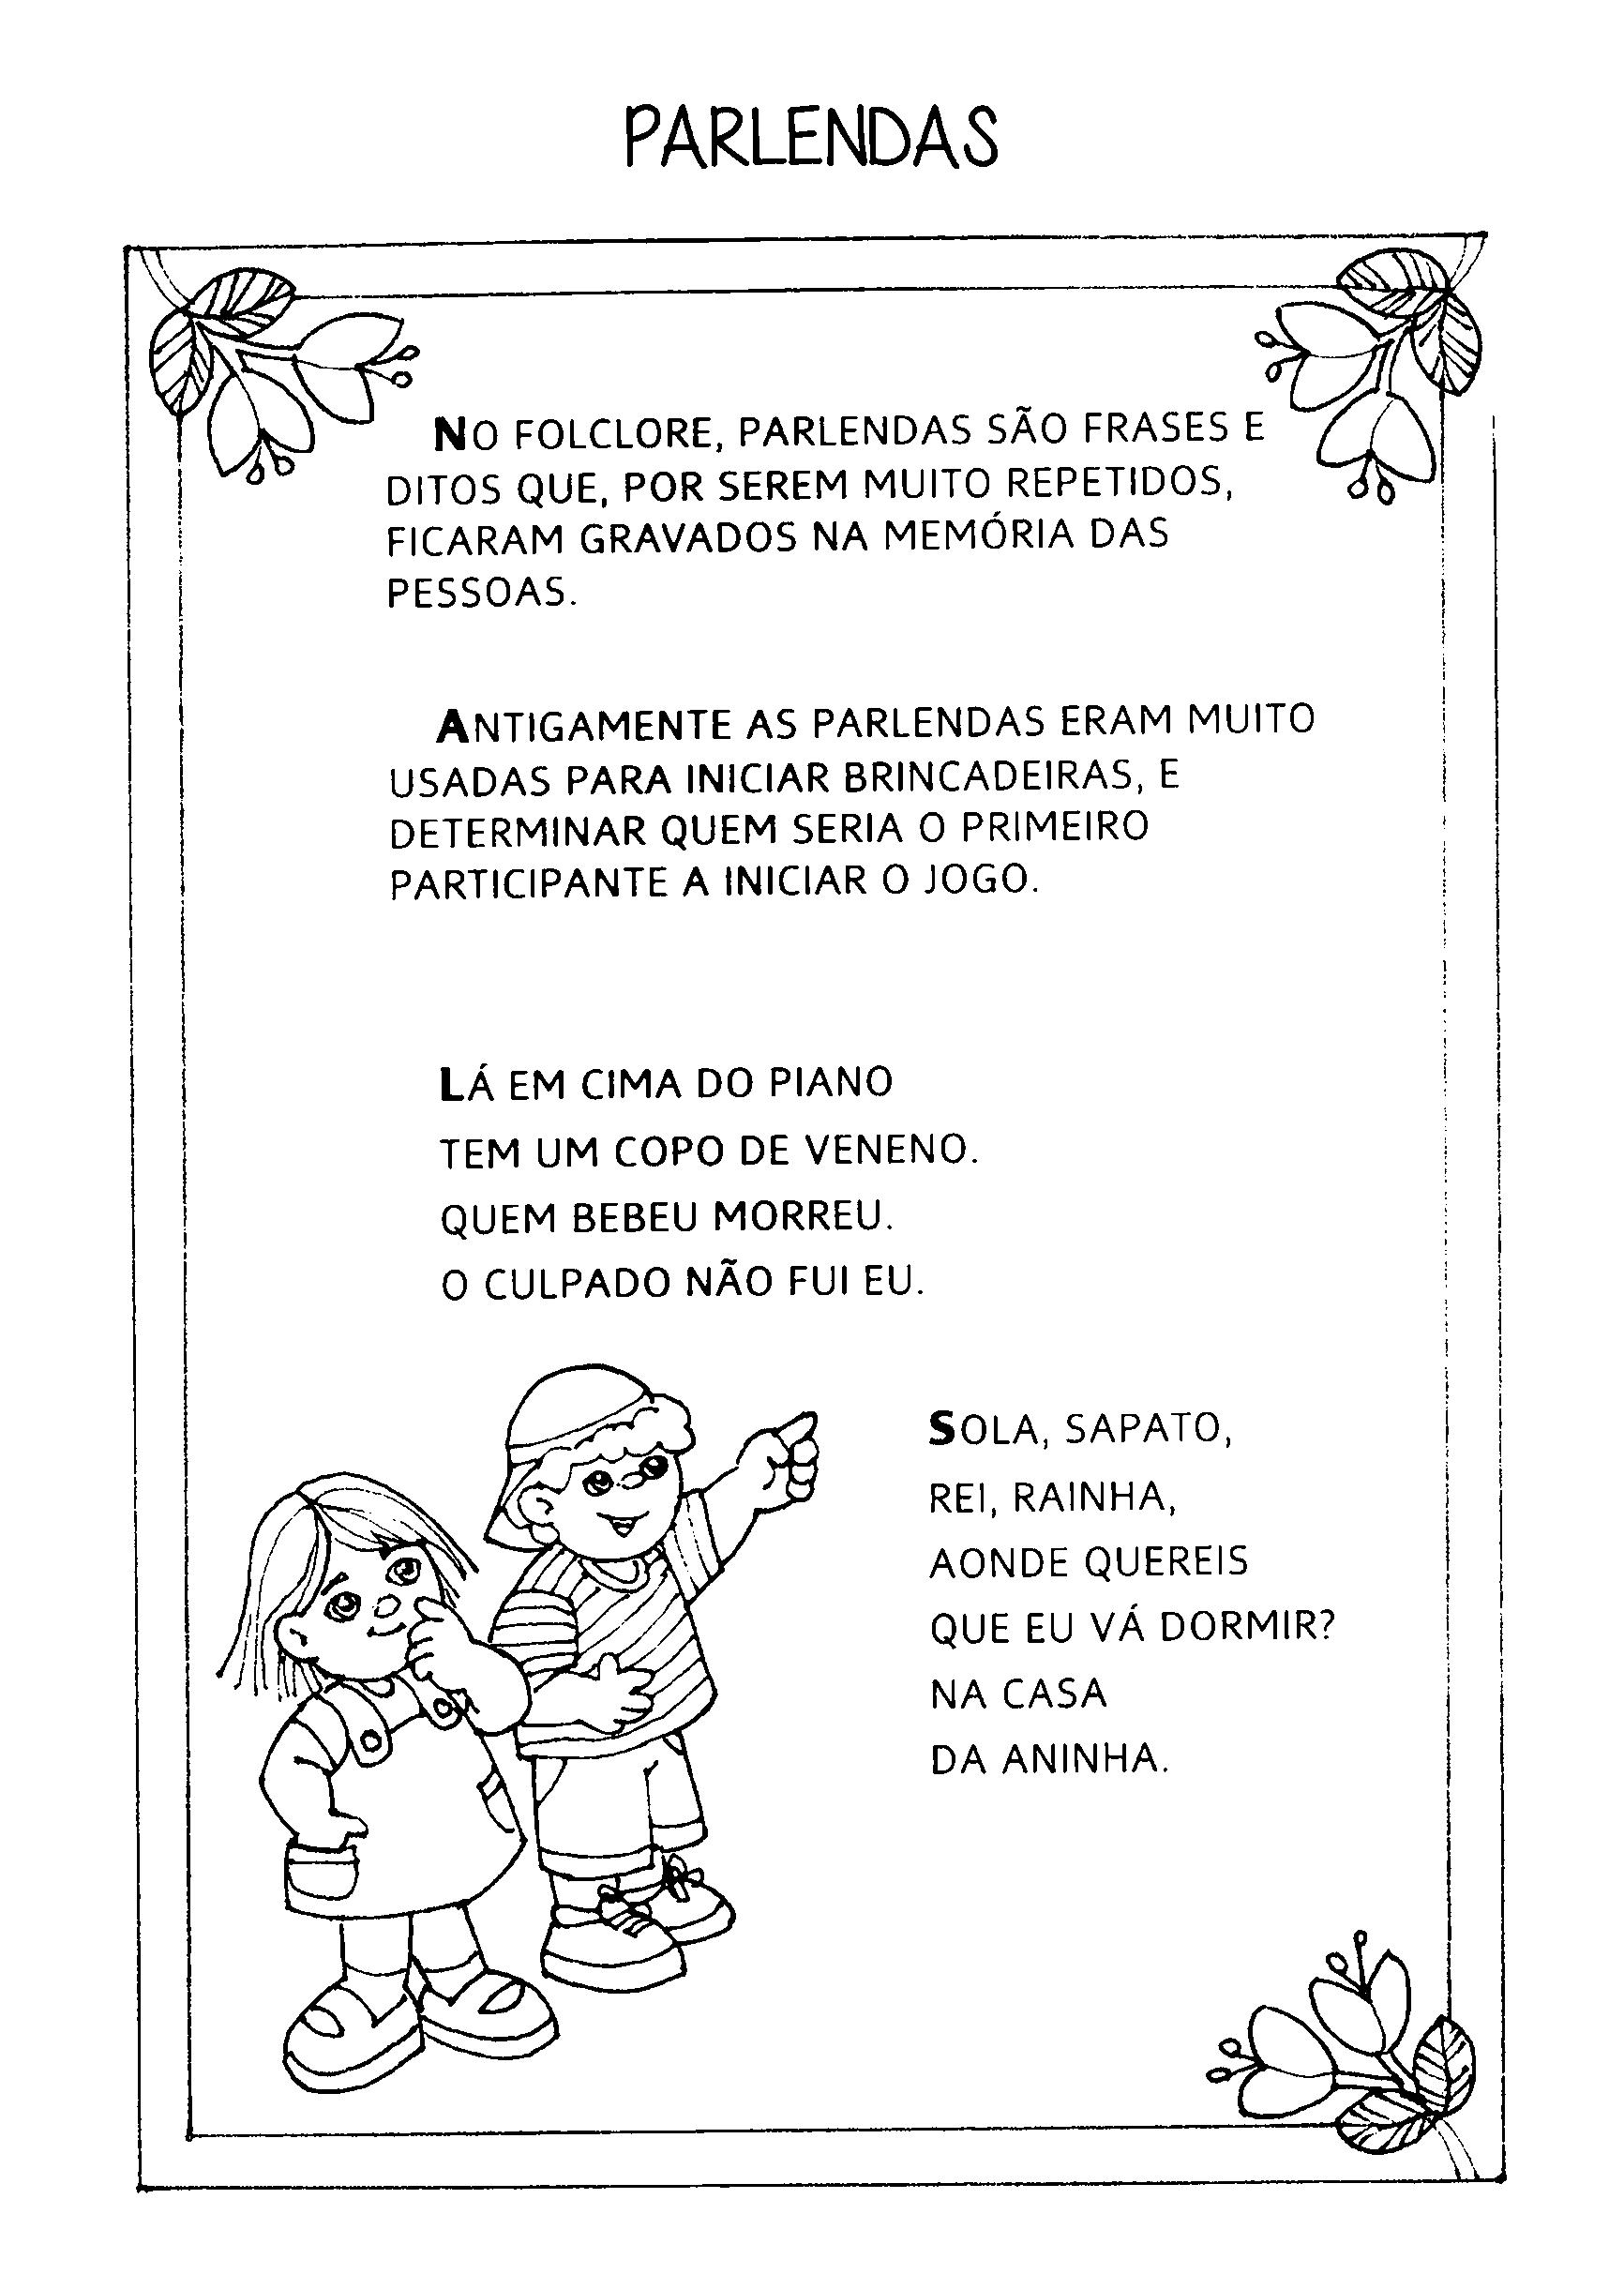 0229-folclore-parlenda-infantil